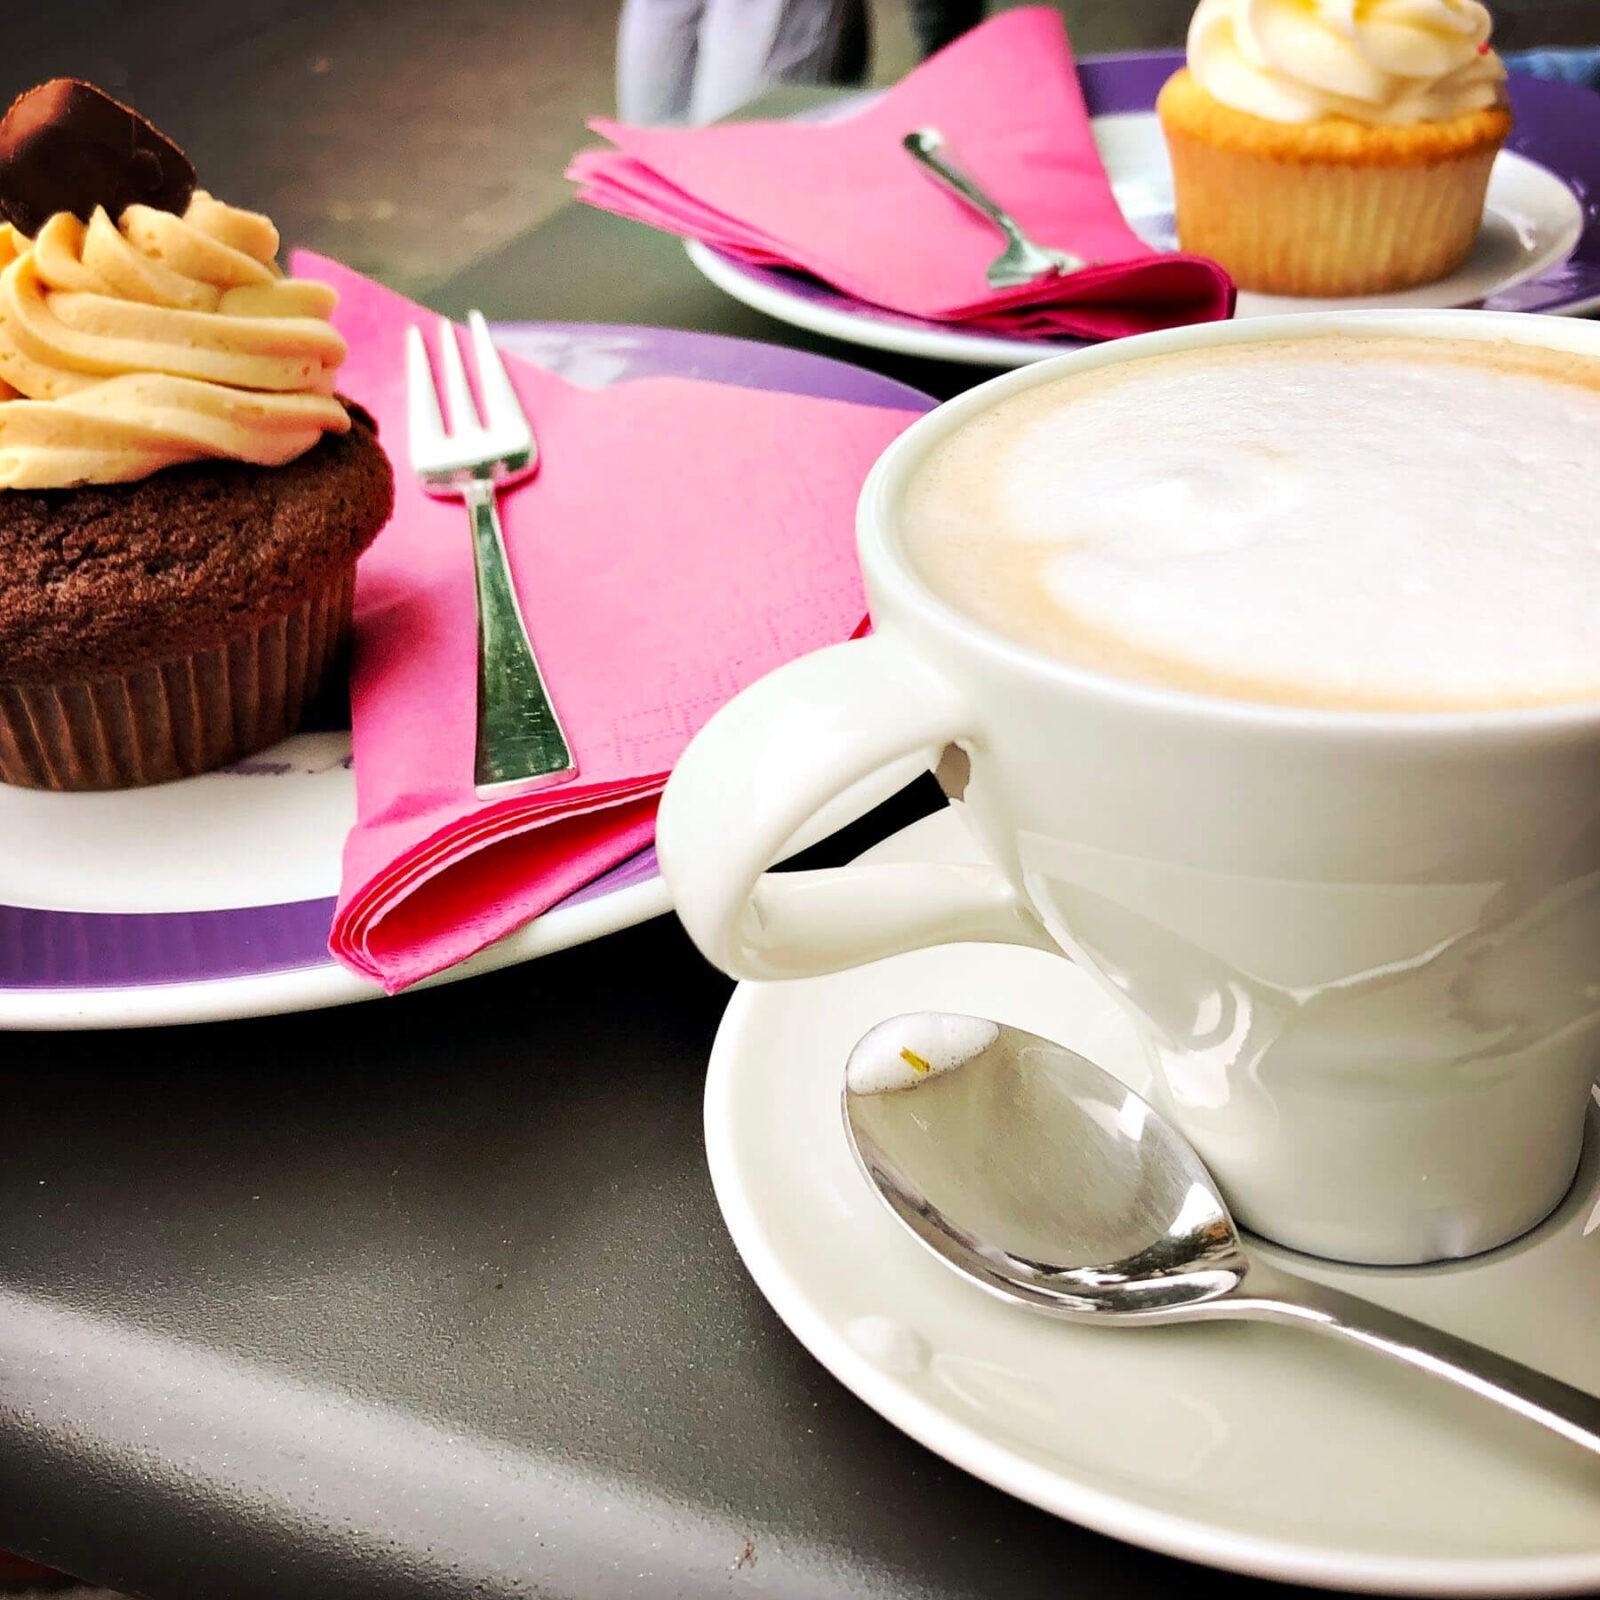 Kaffee und Kuchen in Köln-Ehrenfeld